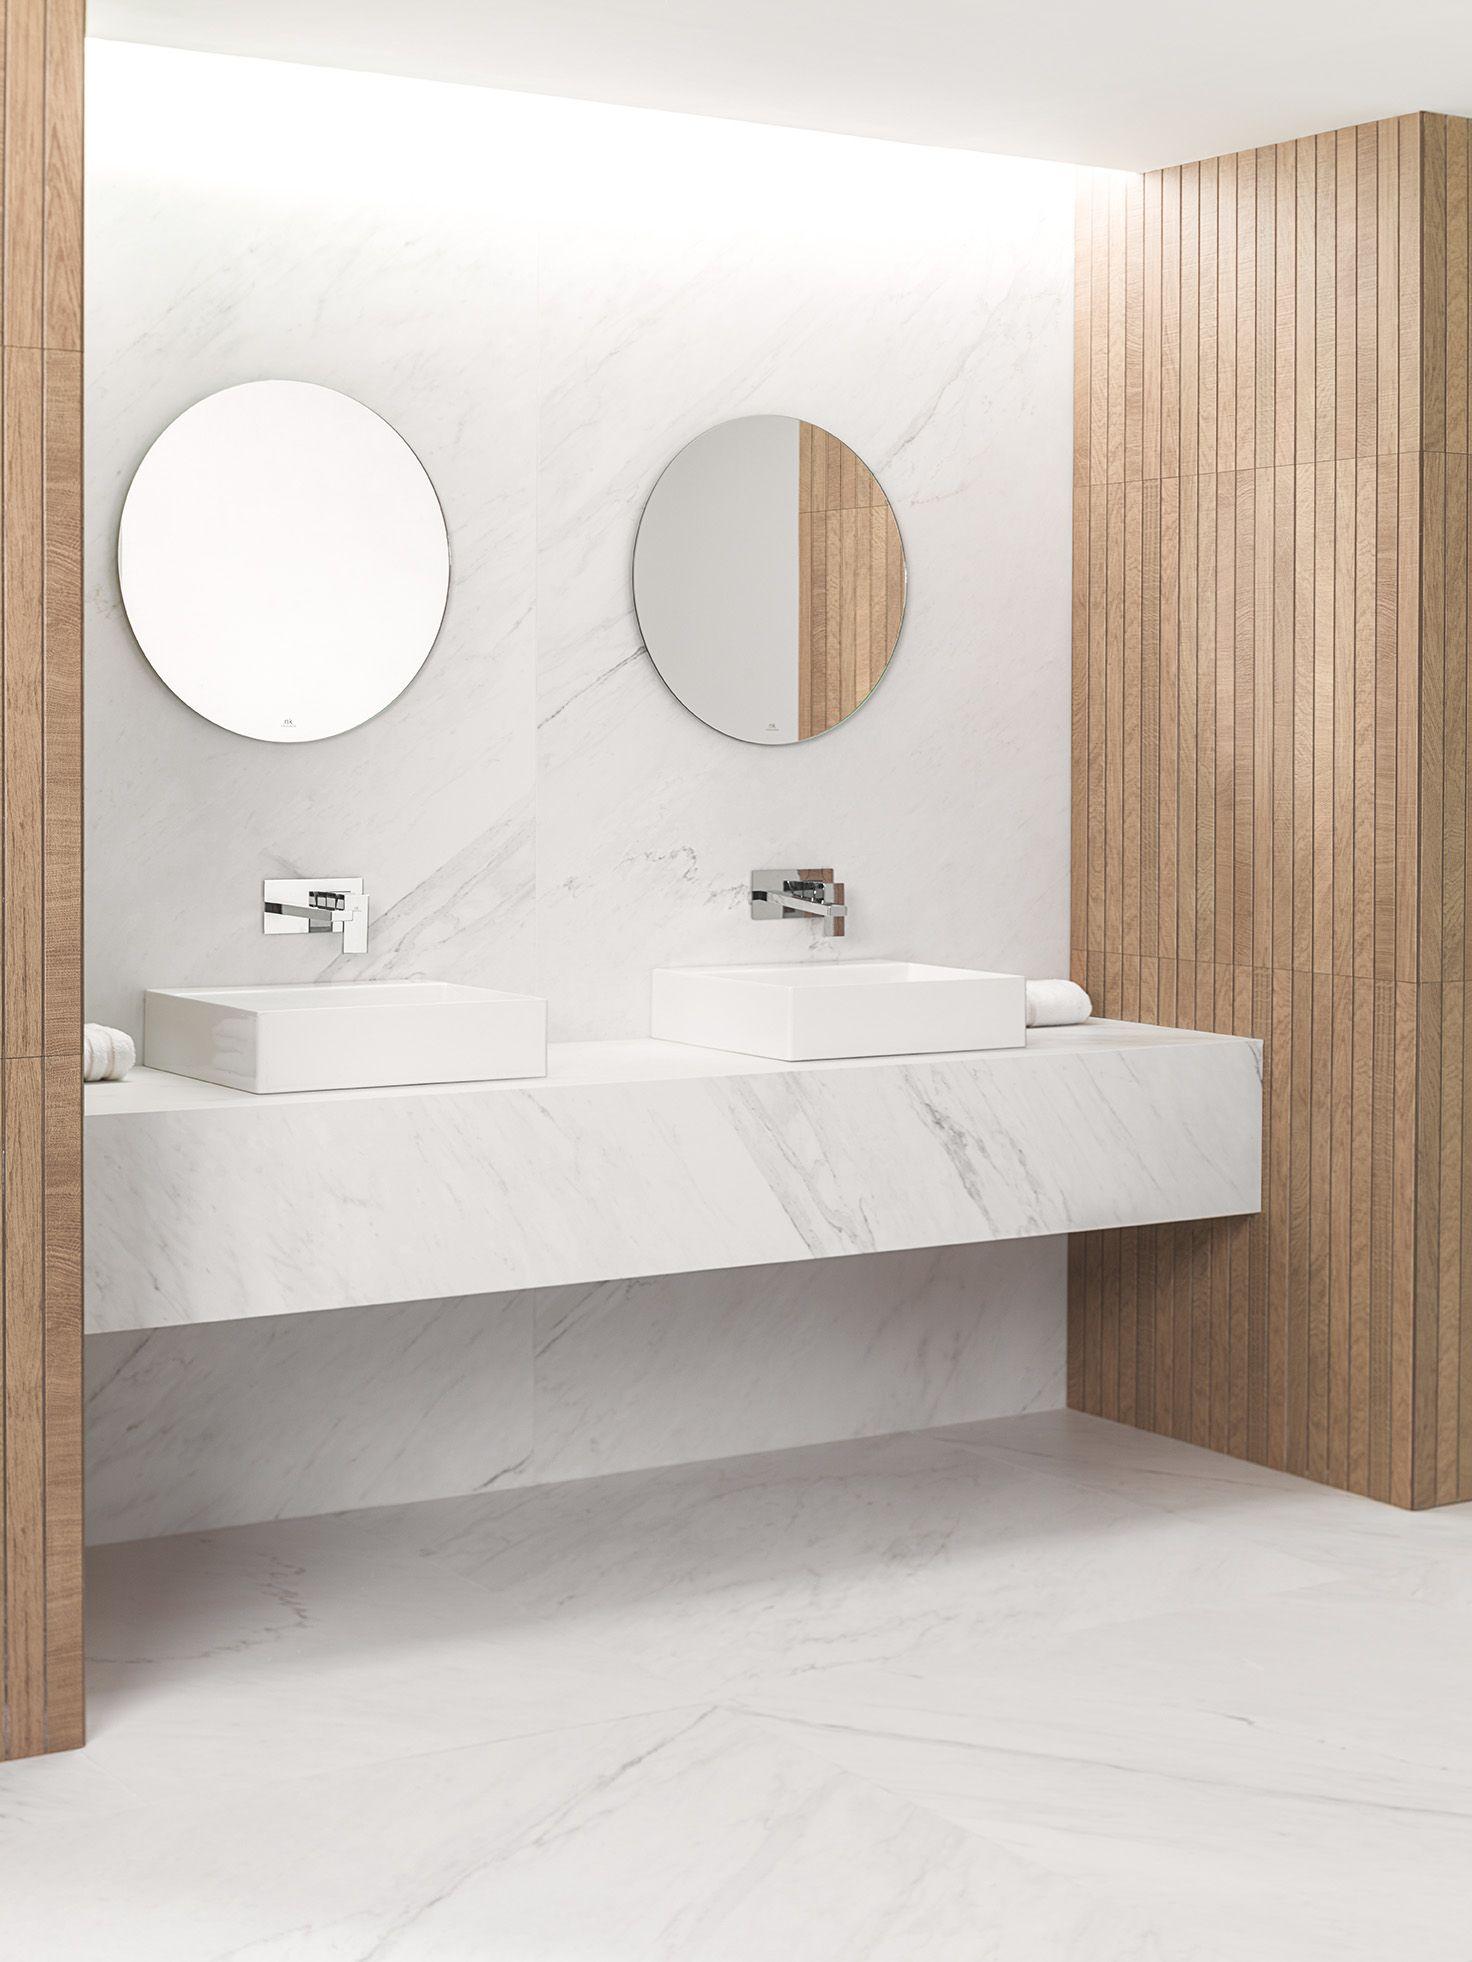 Ver pisos y paredes con calacatta ba o principal for Ver banos reformados